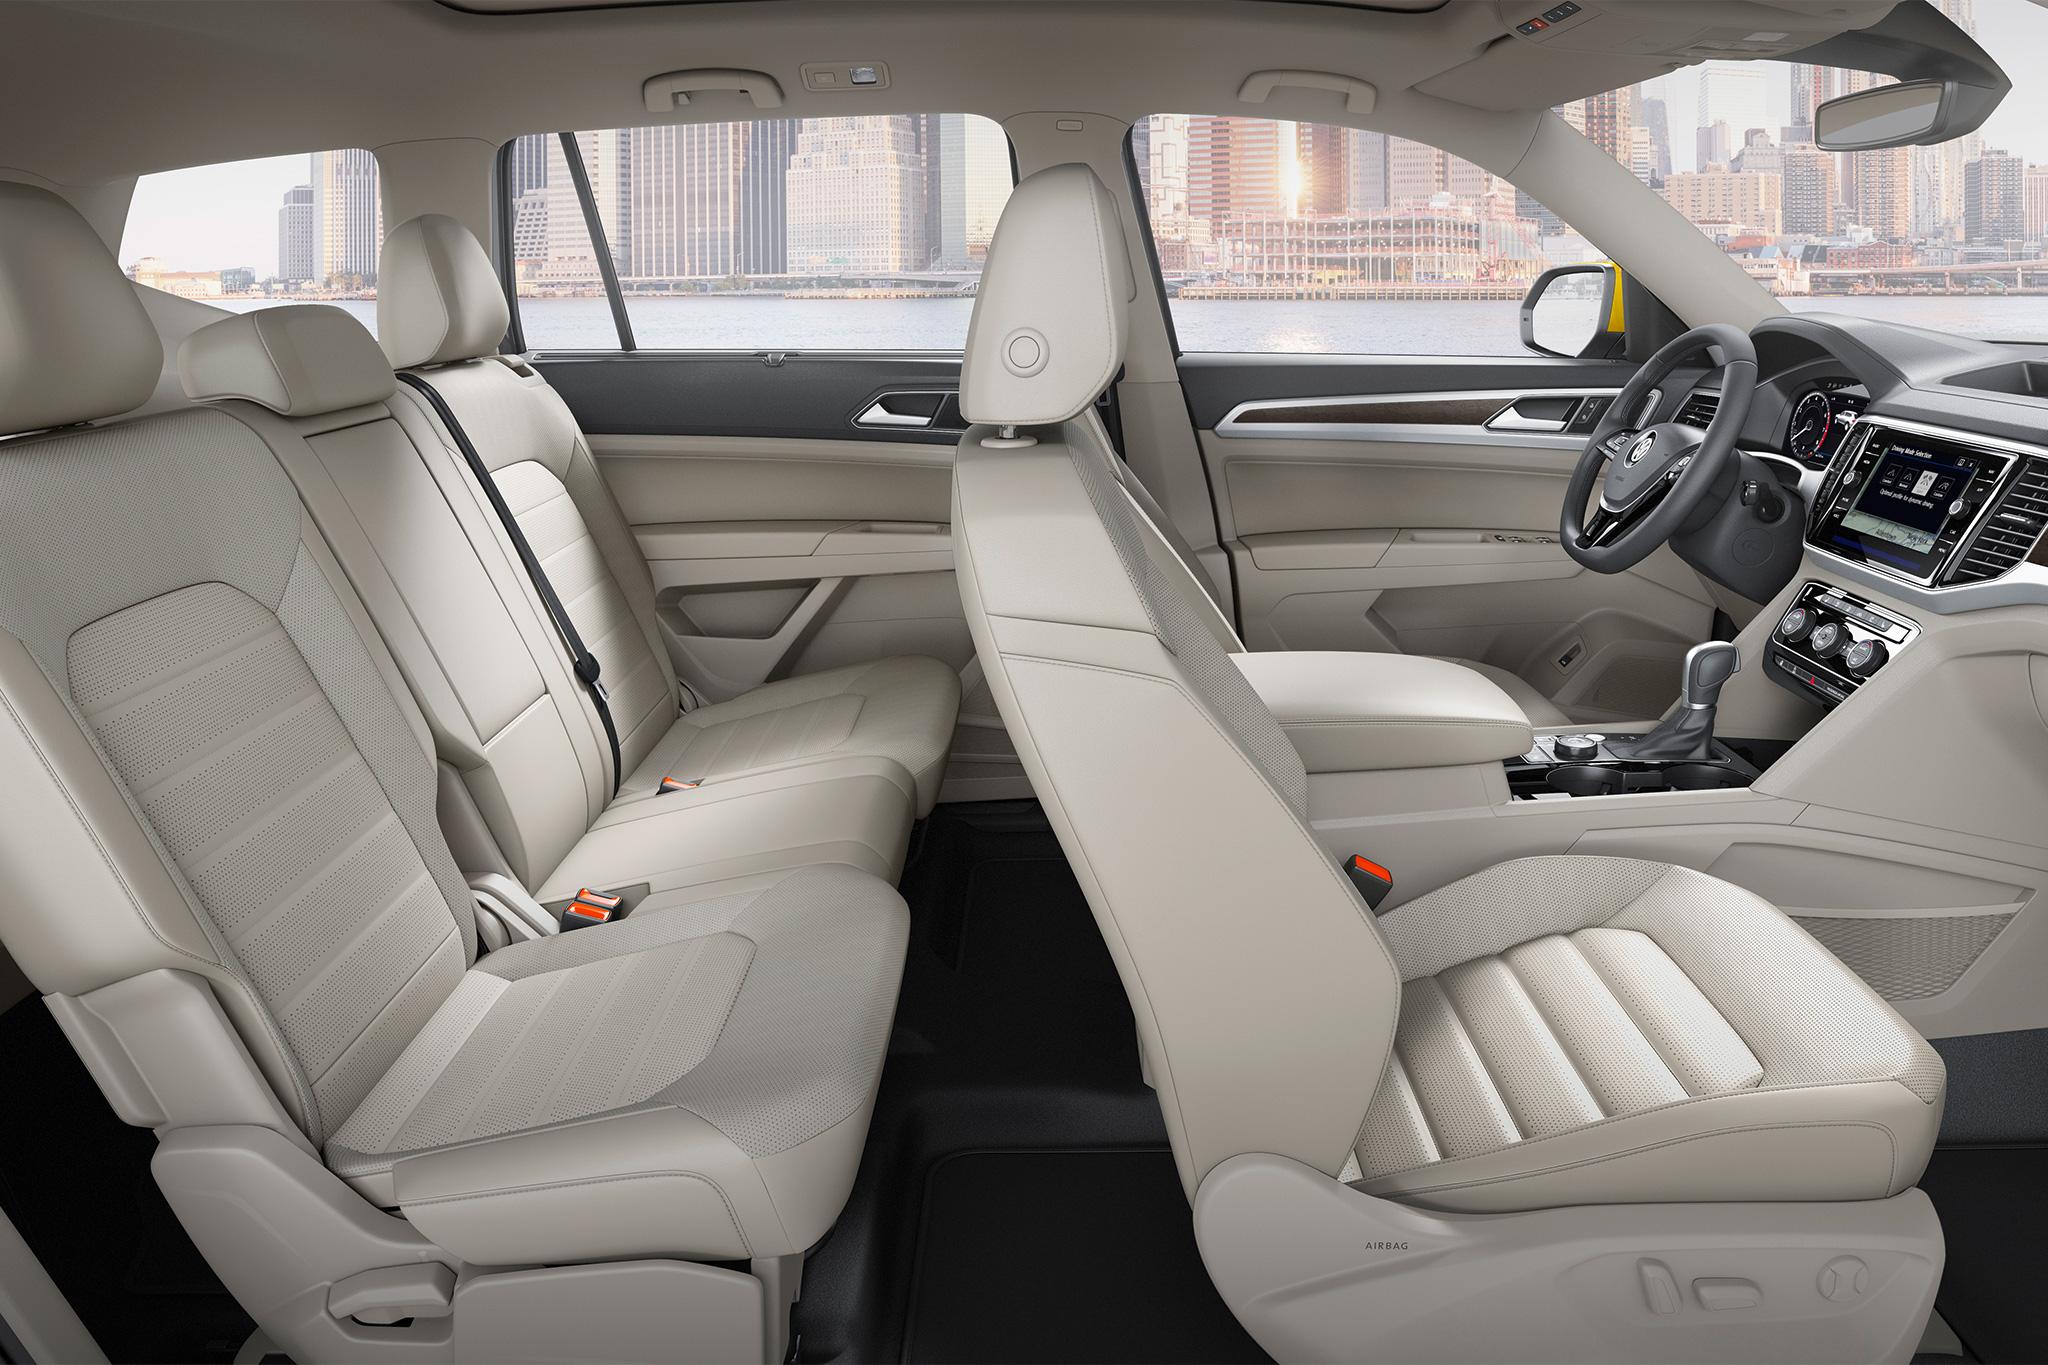 2018-Volkswagen-Atlas-interior-overview